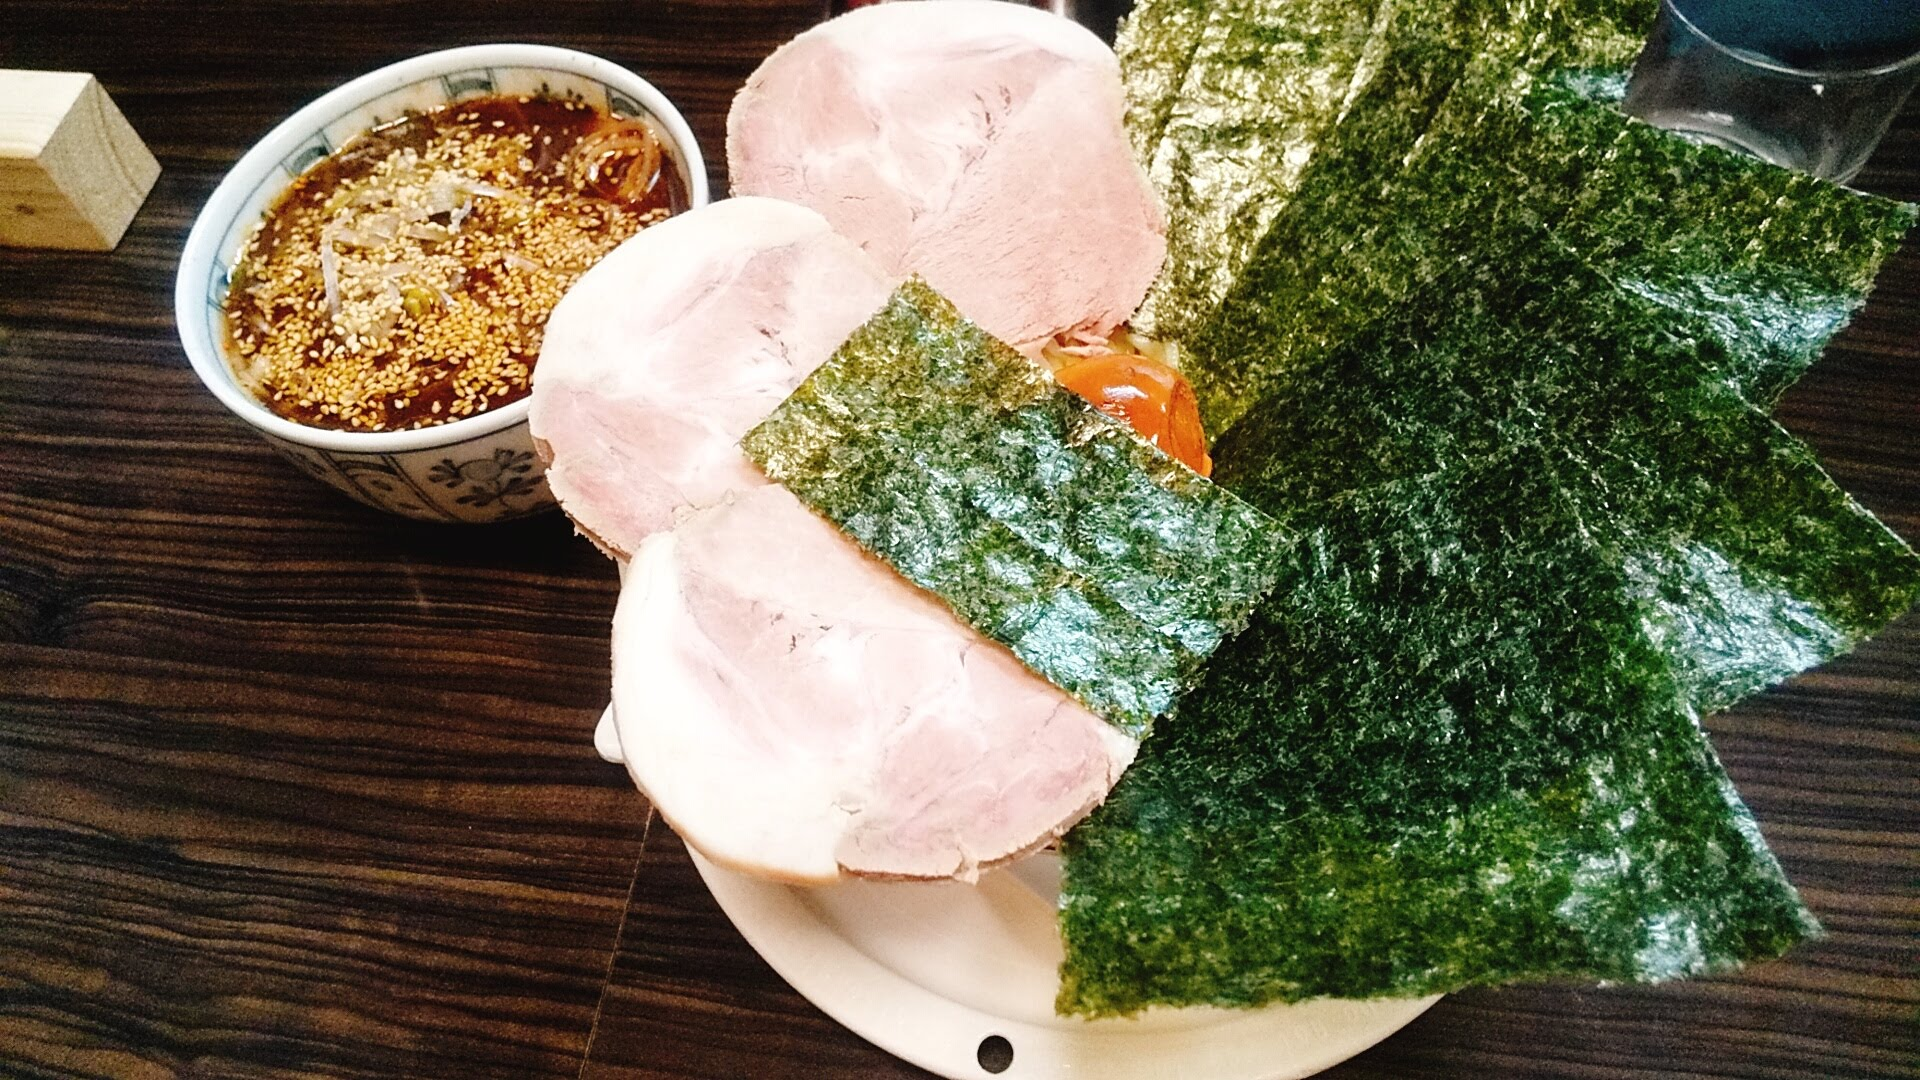 盛のスペシャルつけ麺の写真